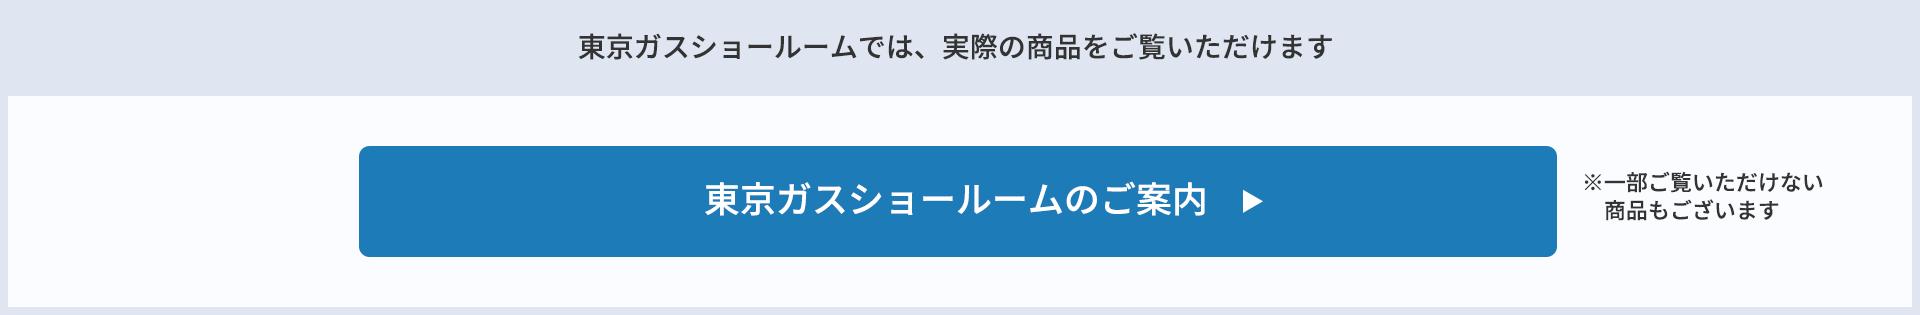 東京ガスショールームでは、実際の商品をご覧いただけます 東京ガスショールームのご案内 ※一部ご覧いただけない商品もございます